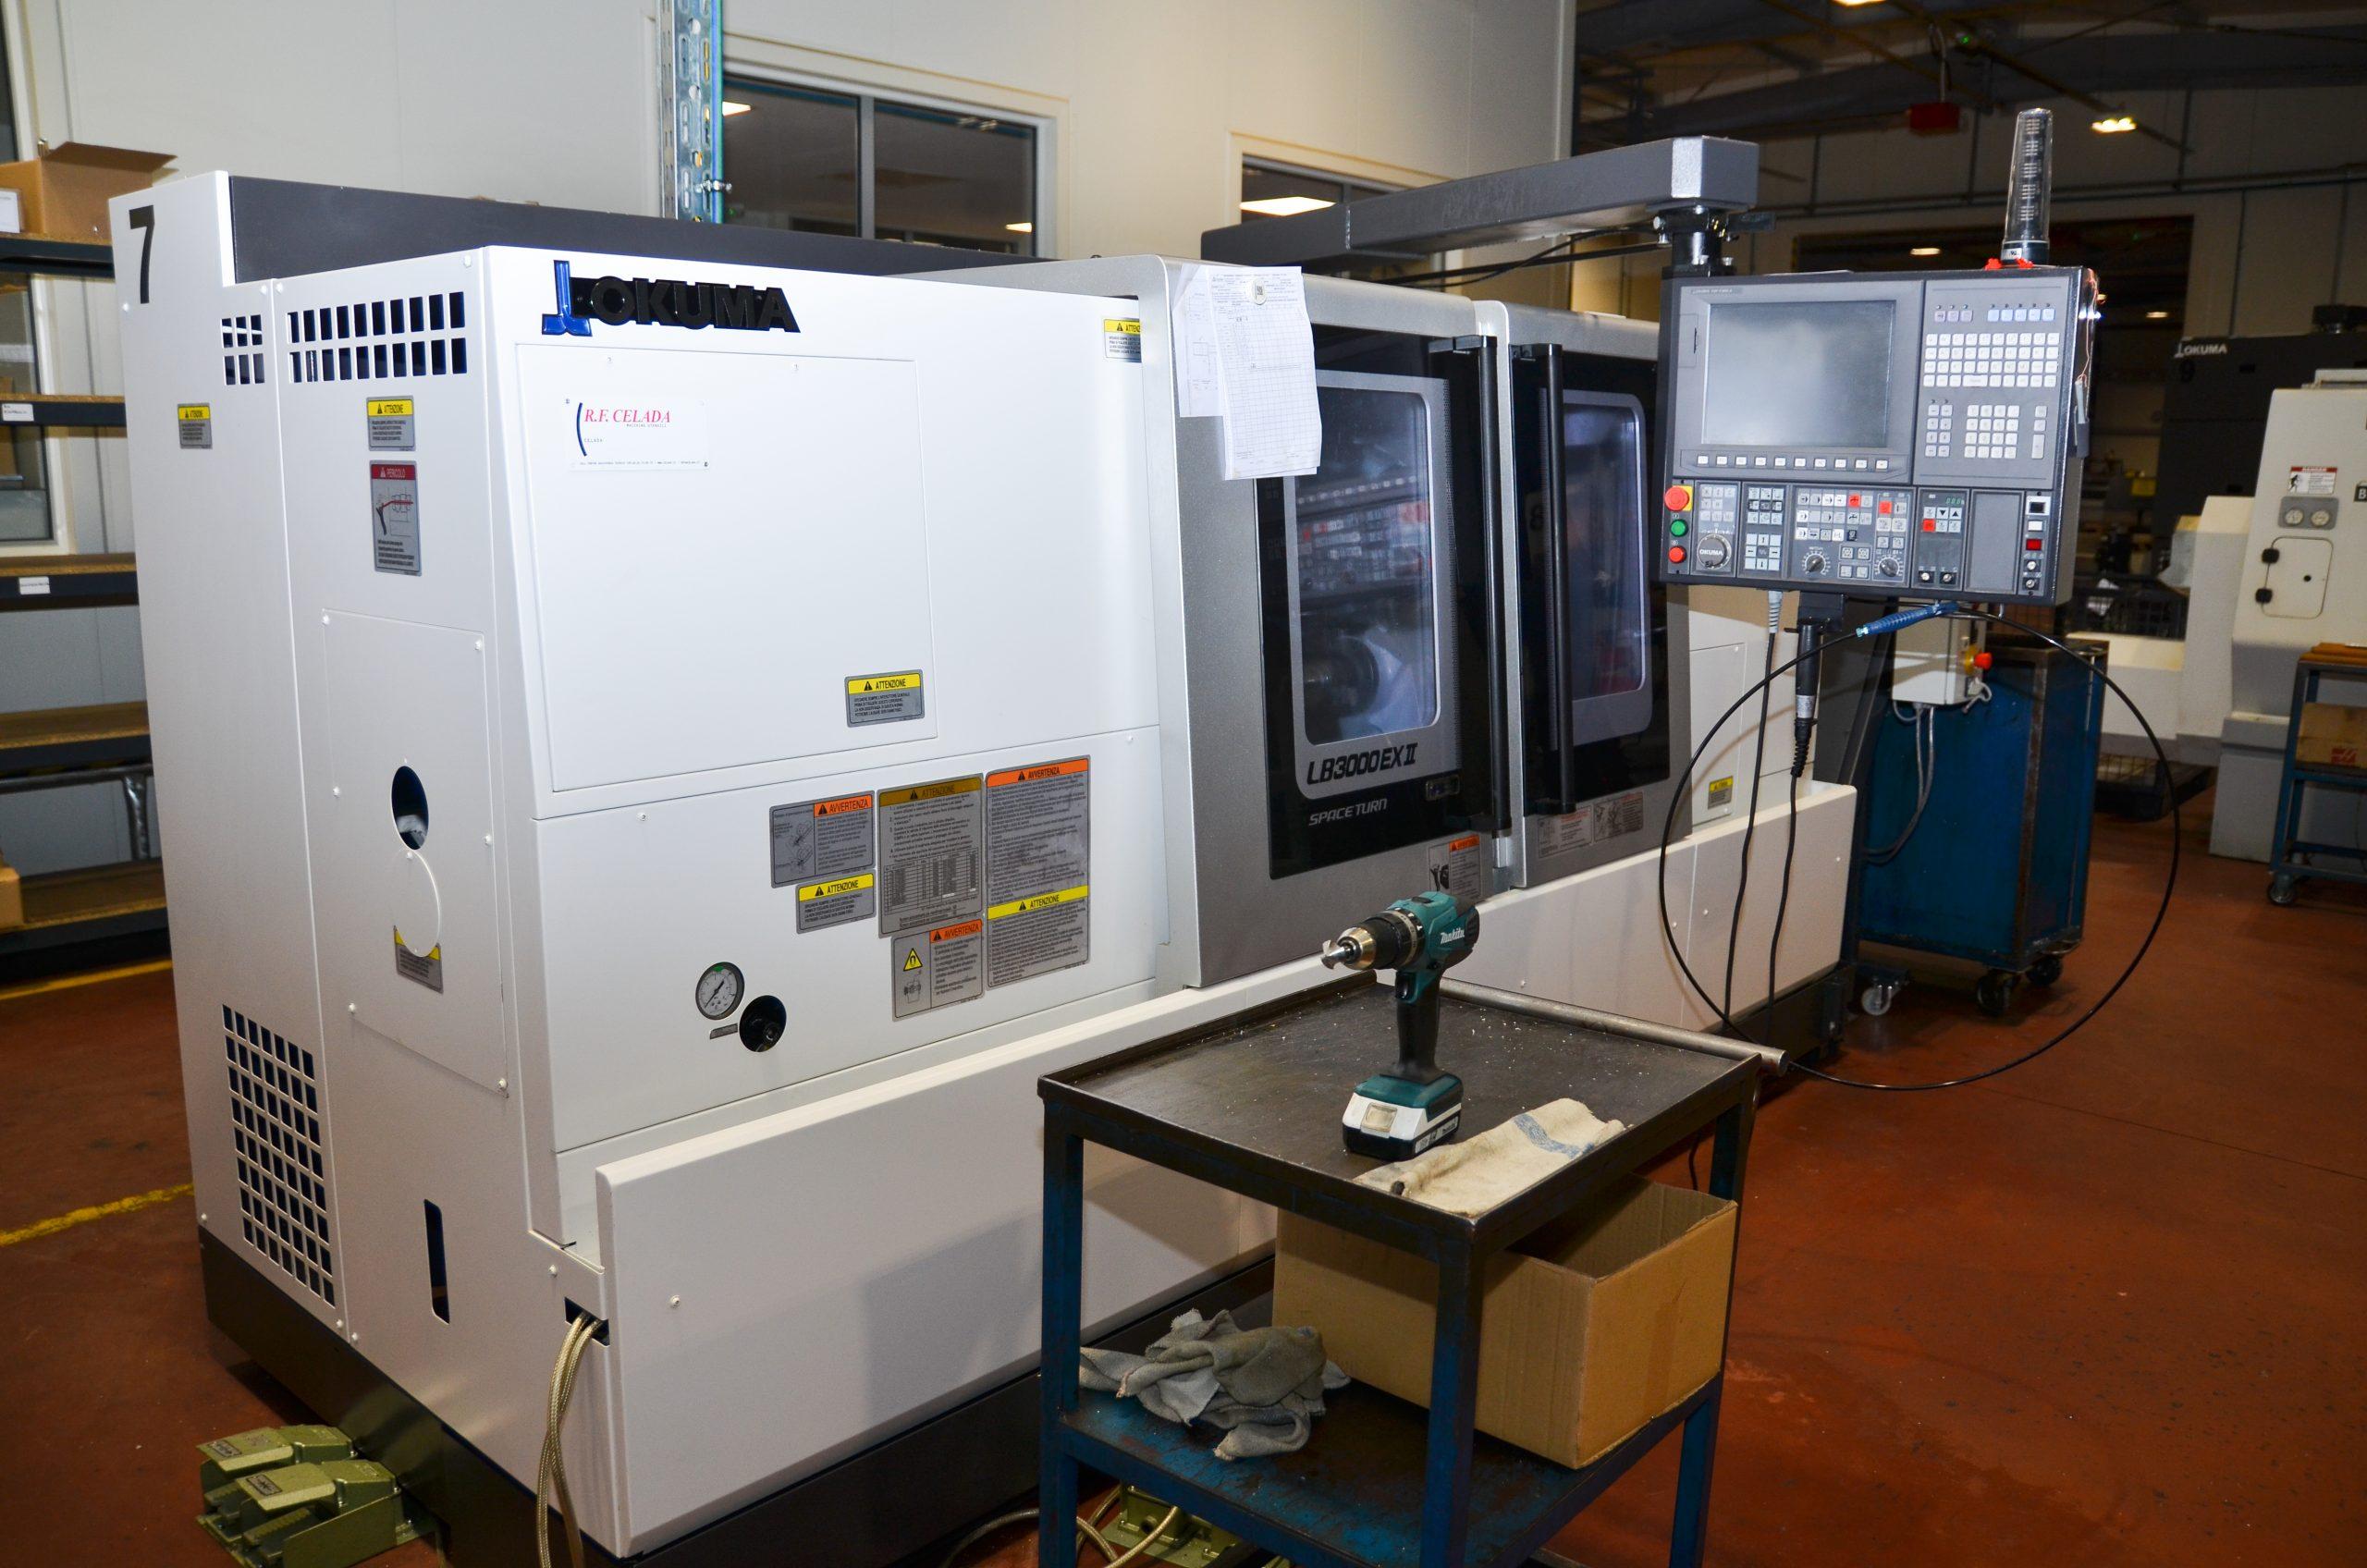 7_OKUMA LB3000EX II _M C1000